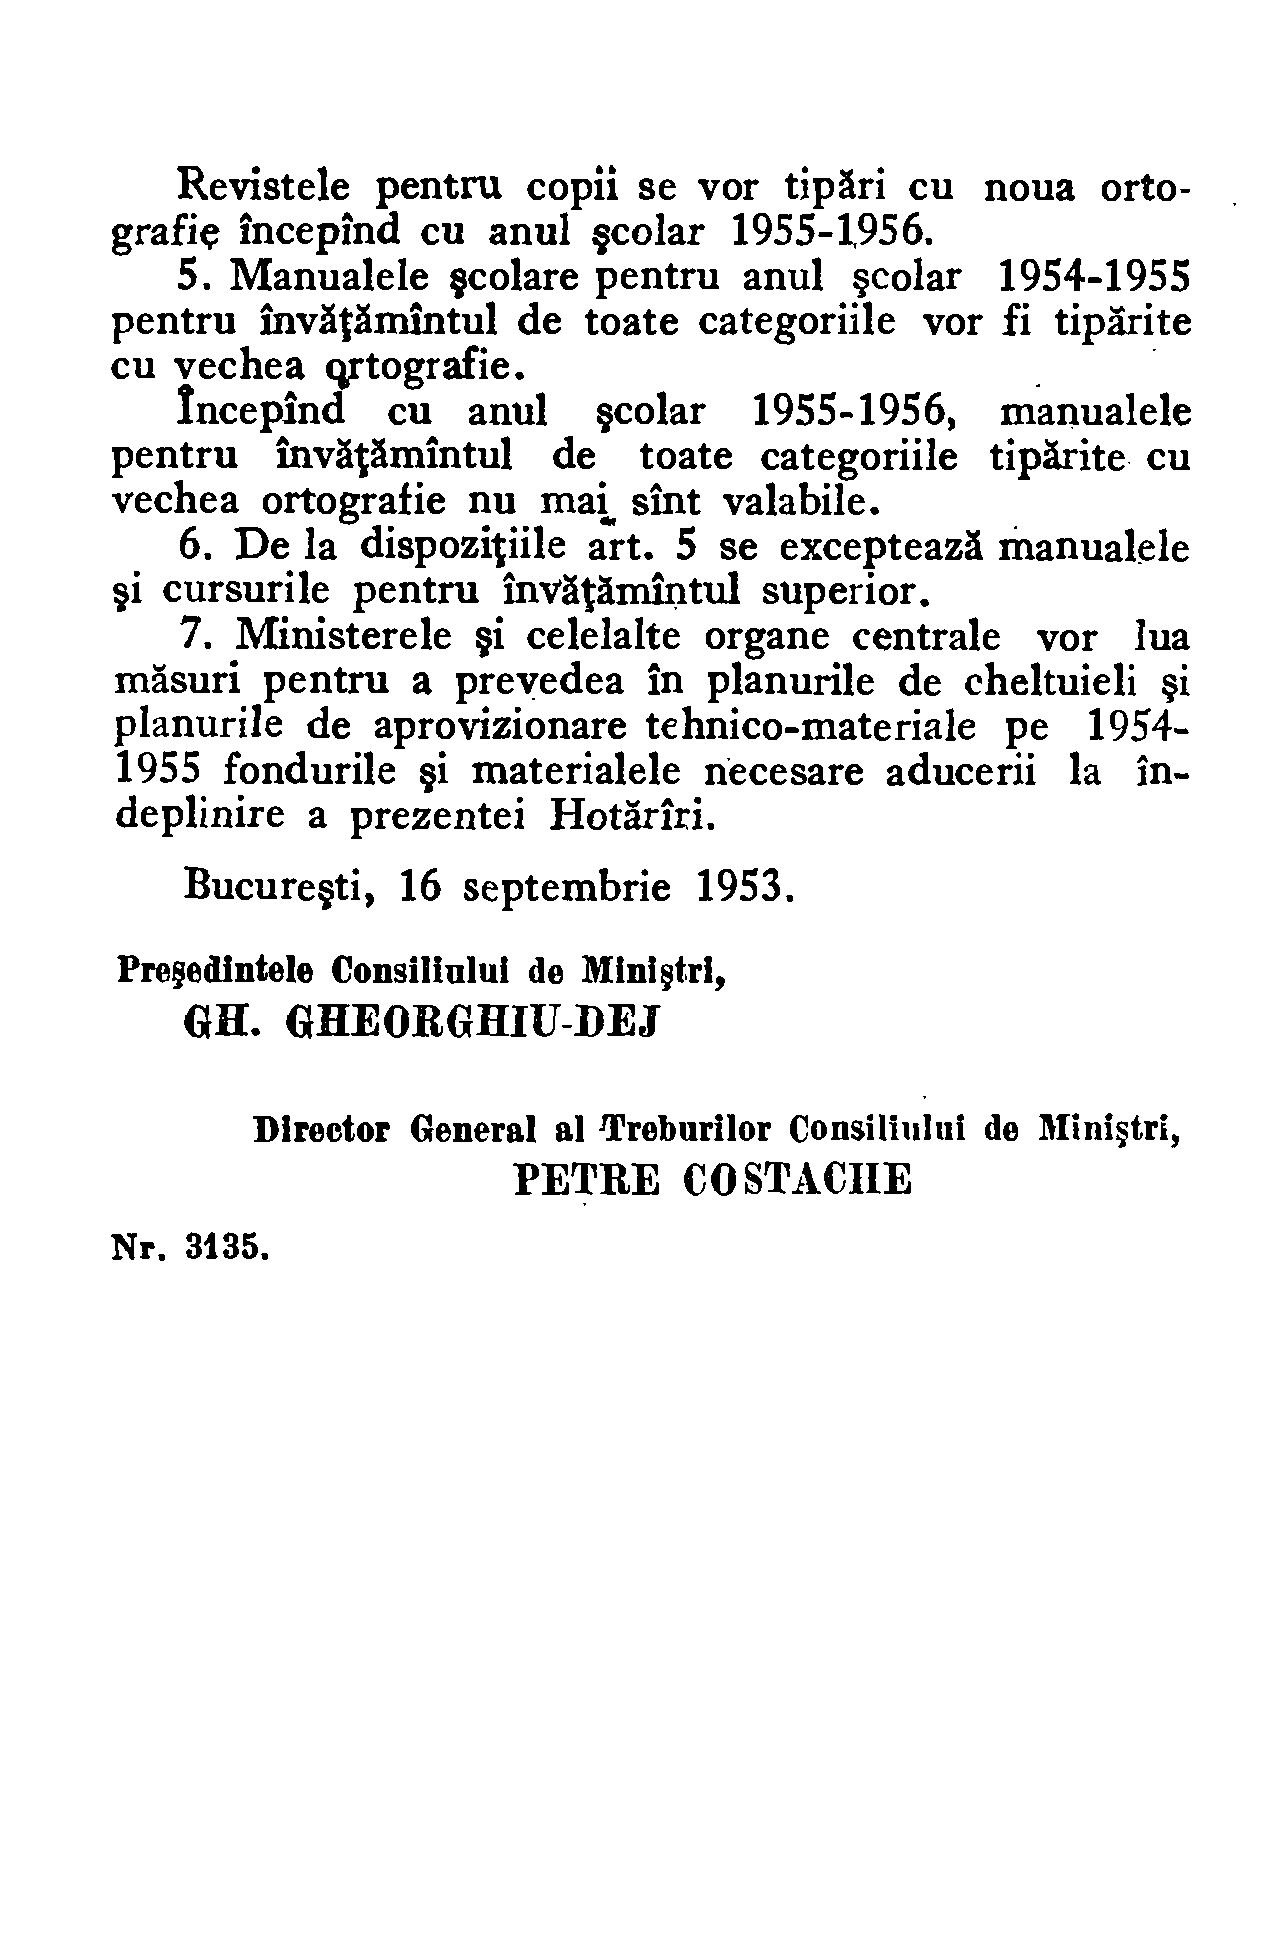 1954 - Mic dicționar ortografic (3).png